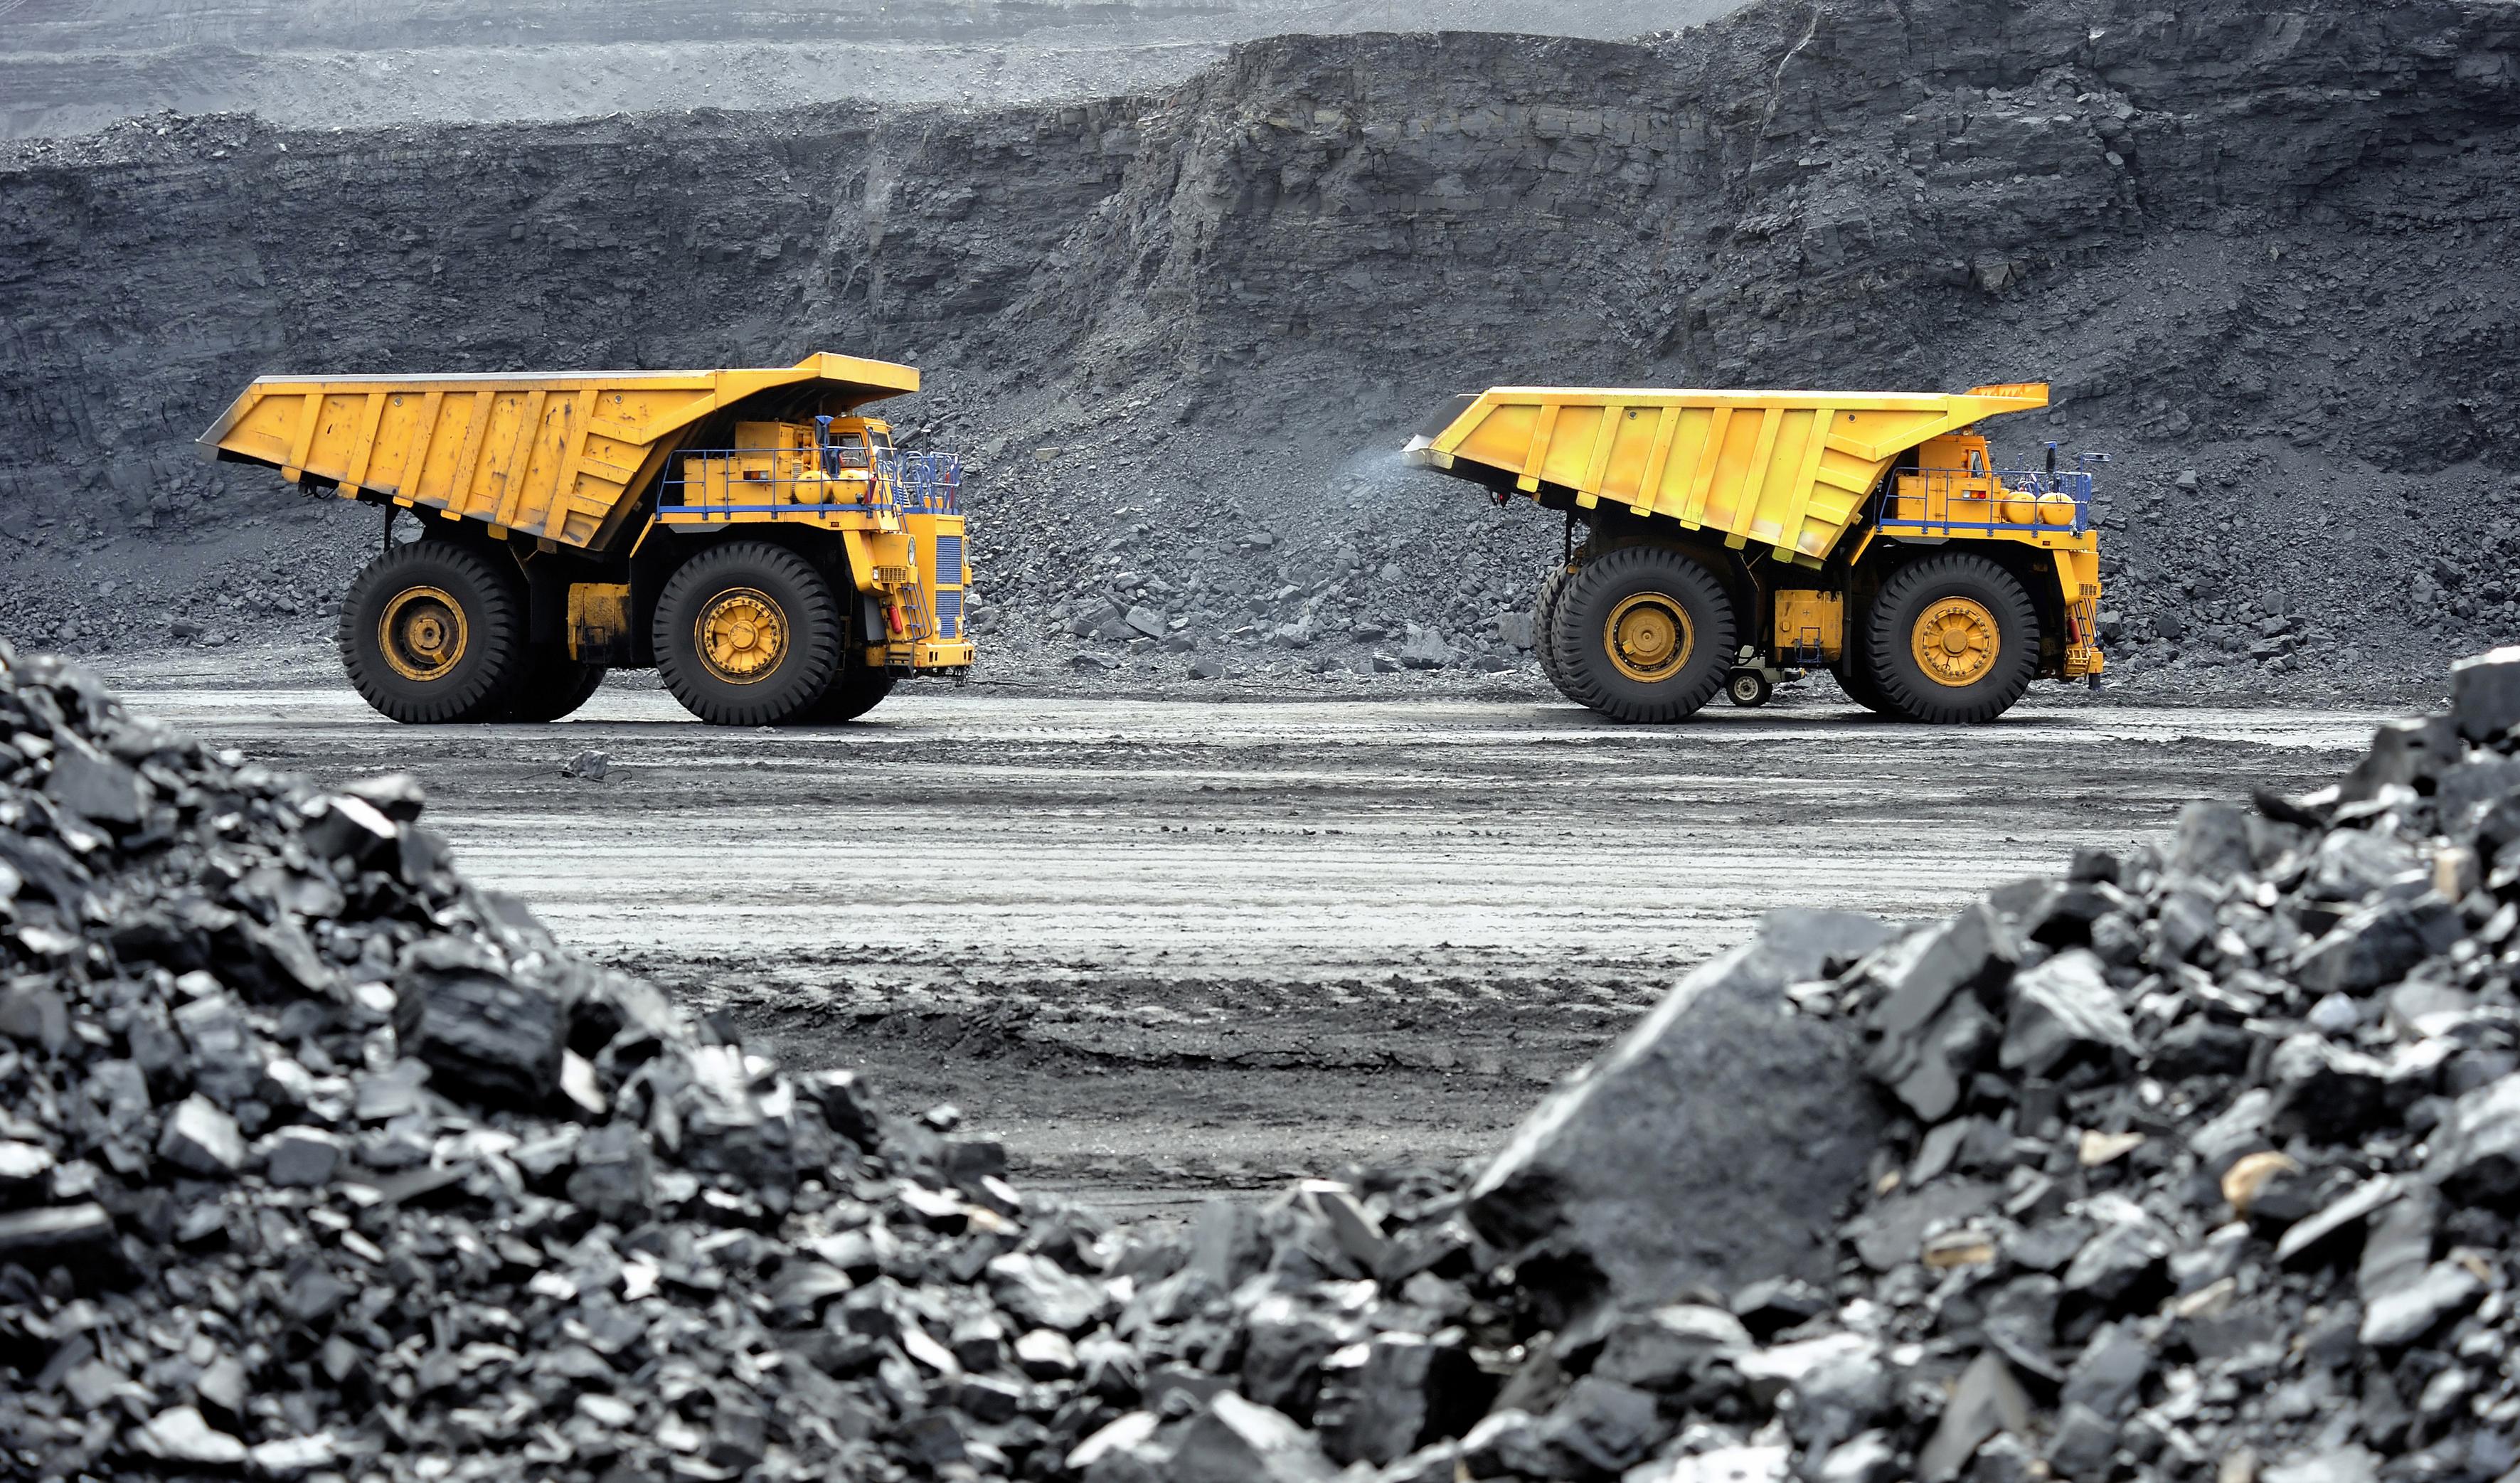 نیازمتقابل شرکت های داخلی و خارجی راهگشای تحریم بخش معدن است